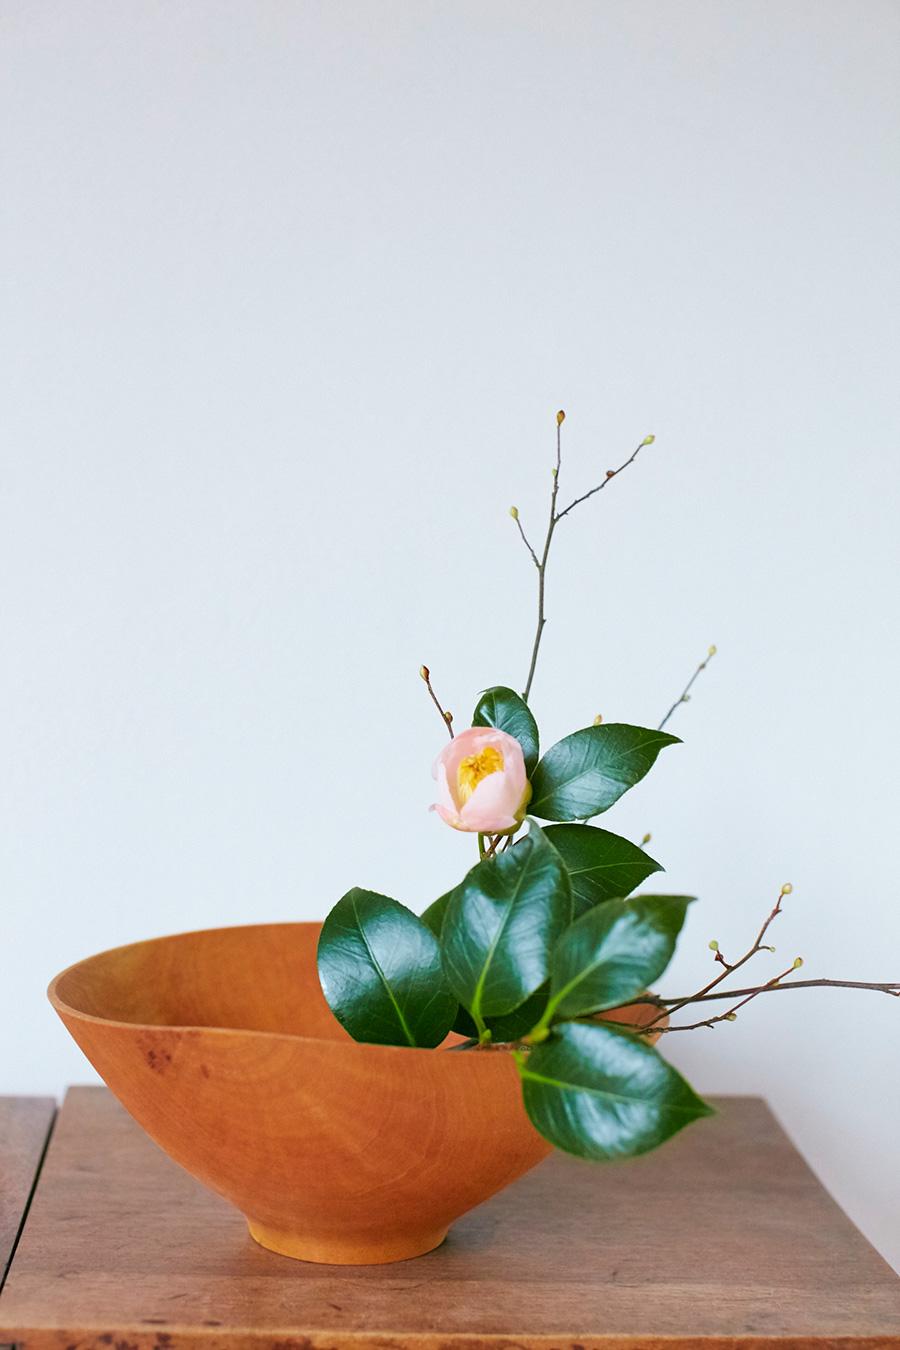 春に咲く花の冬芽を楽しむ。「冬芽のついたヒュウガミズキと椿を一緒に飾りました。主役にしたい花と枝物をシンプルに合わせます」